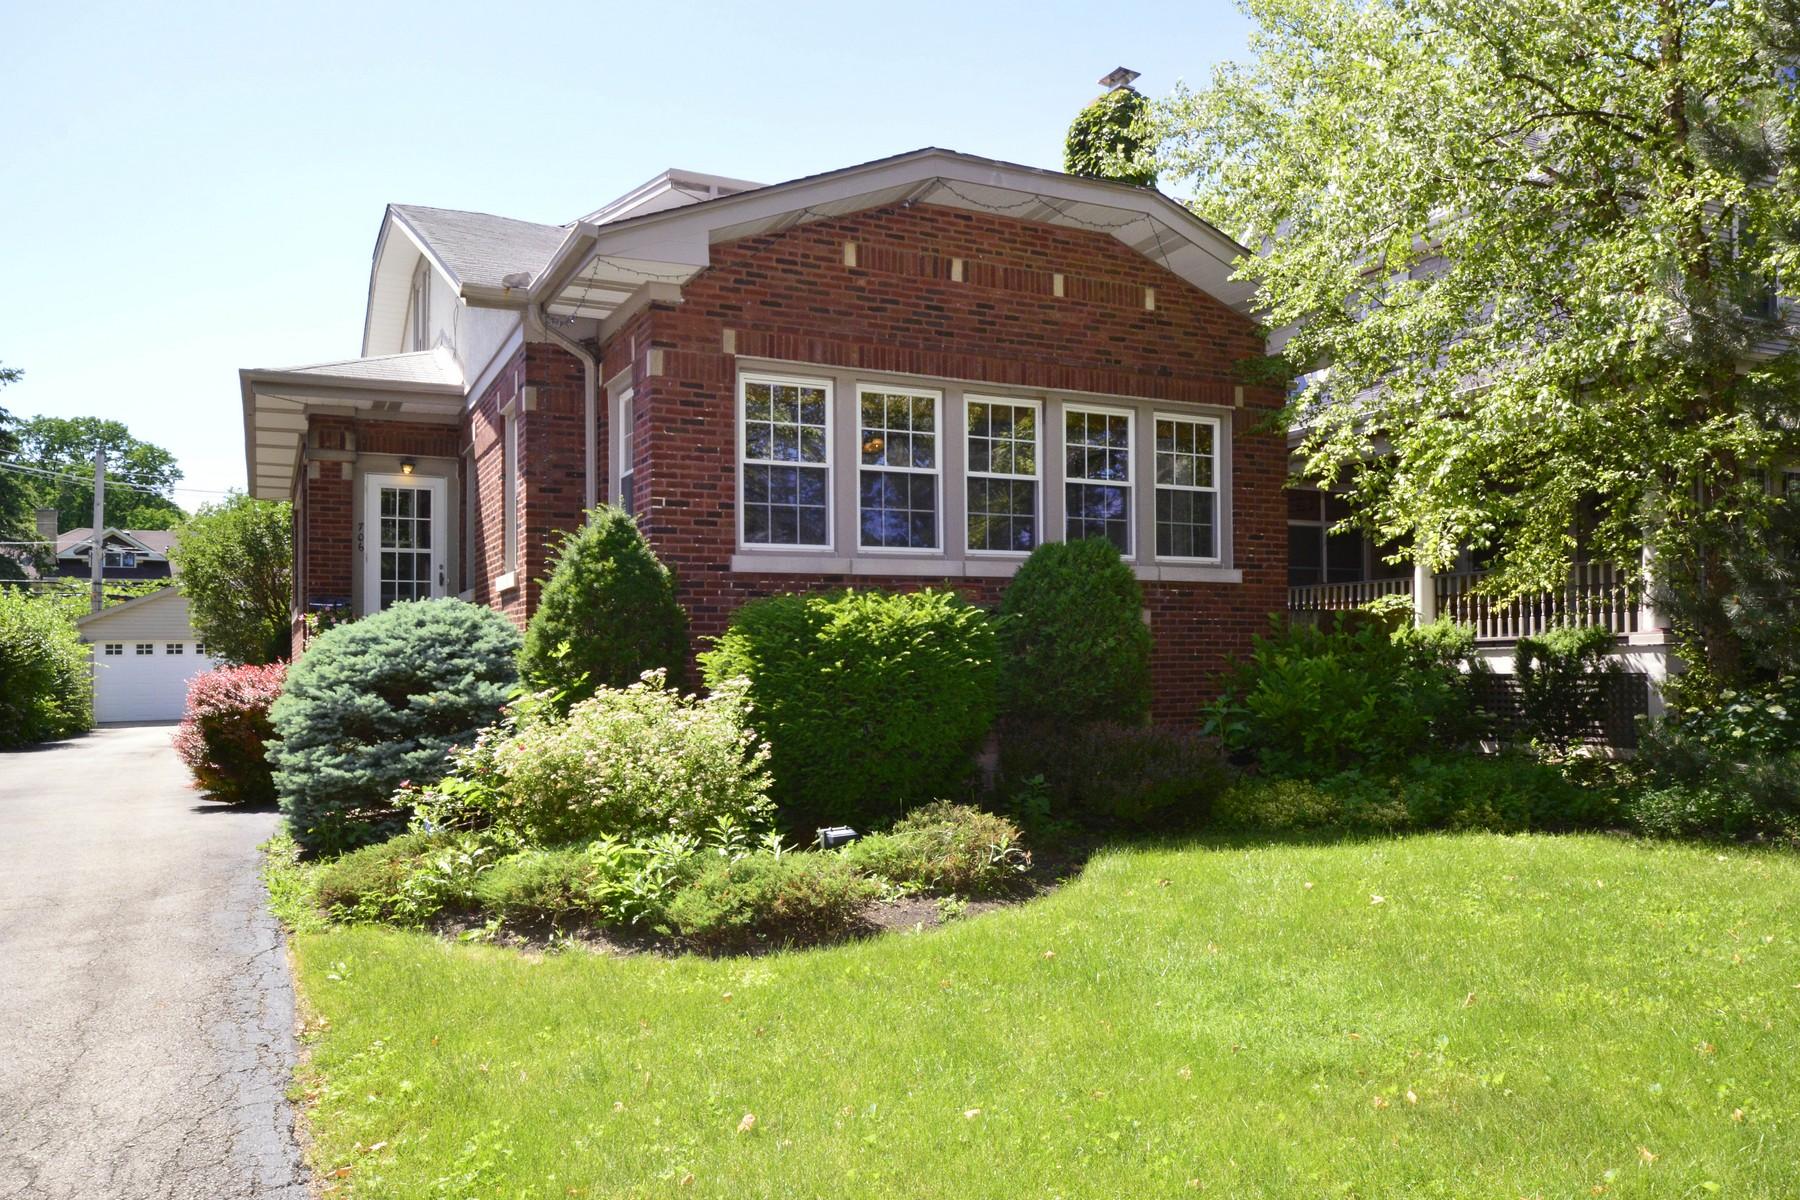 Maison unifamiliale pour l Vente à Beautiful River Forest Home 706 Ashland Avenue River Forest, Illinois, 60305 États-Unis